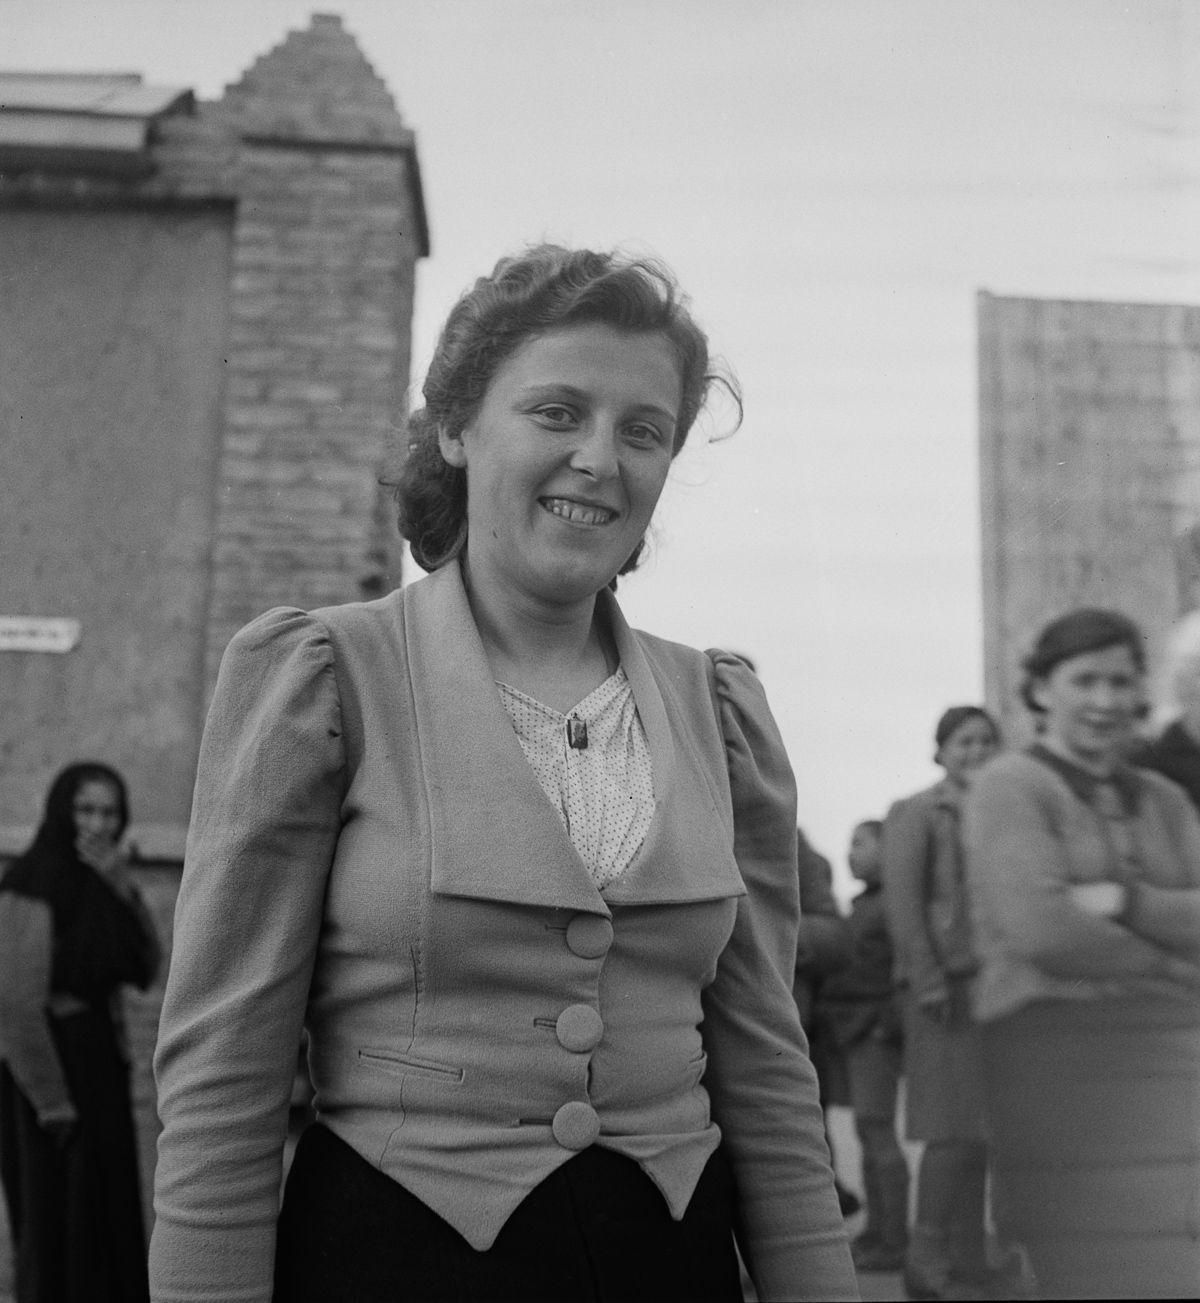 Na Segunda Guerra Mundial, refugiados poloneses encontraram seguran�a no Ir� 13